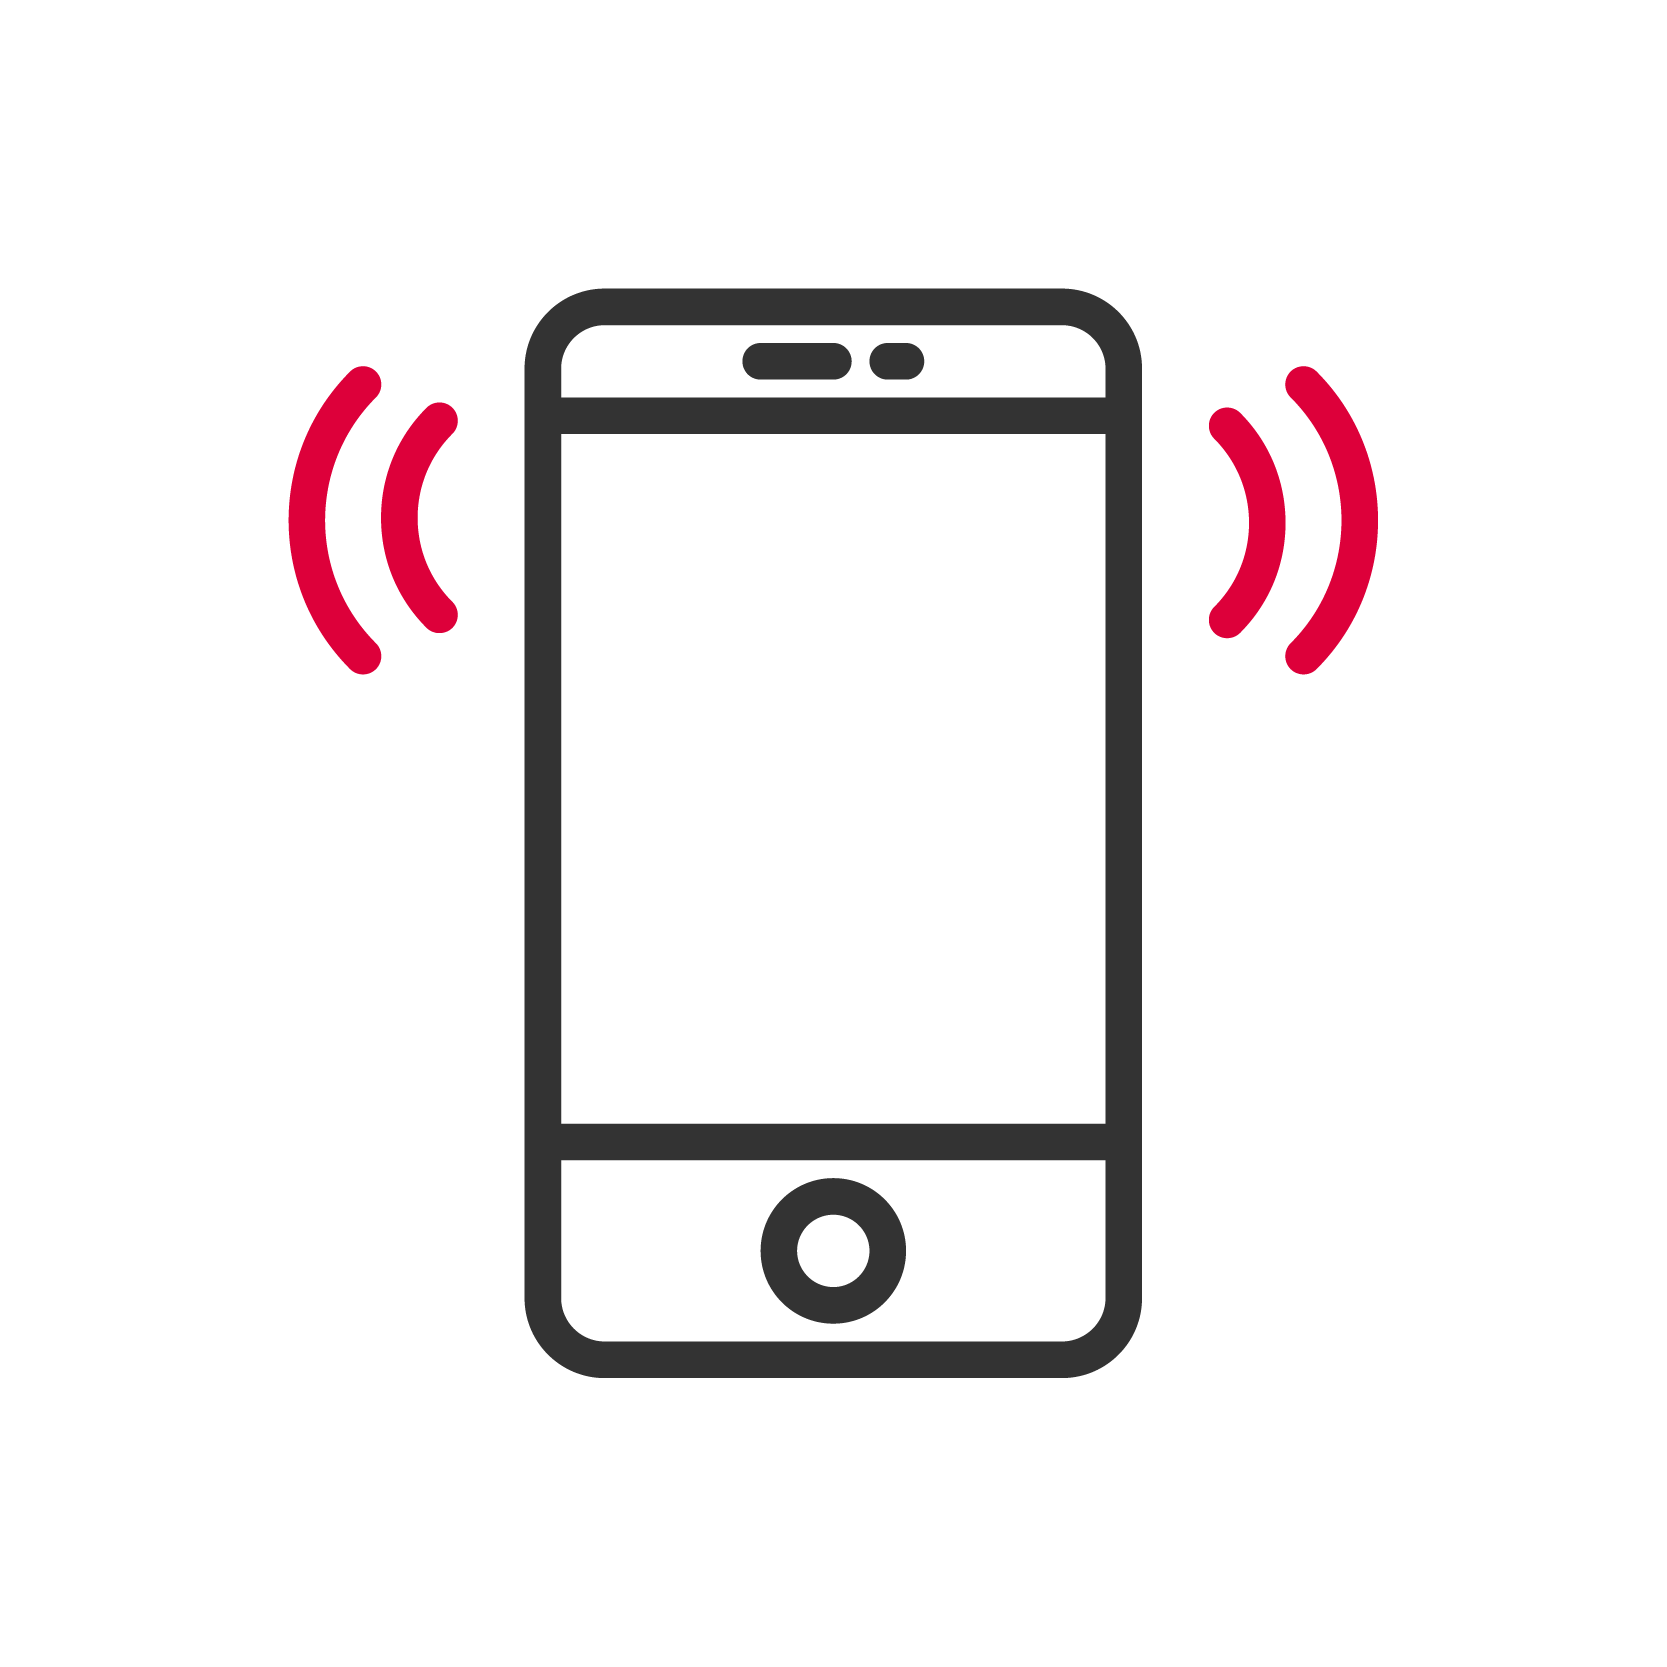 MOBILE - Desenvolvimento de soluções para construir presença Mobile